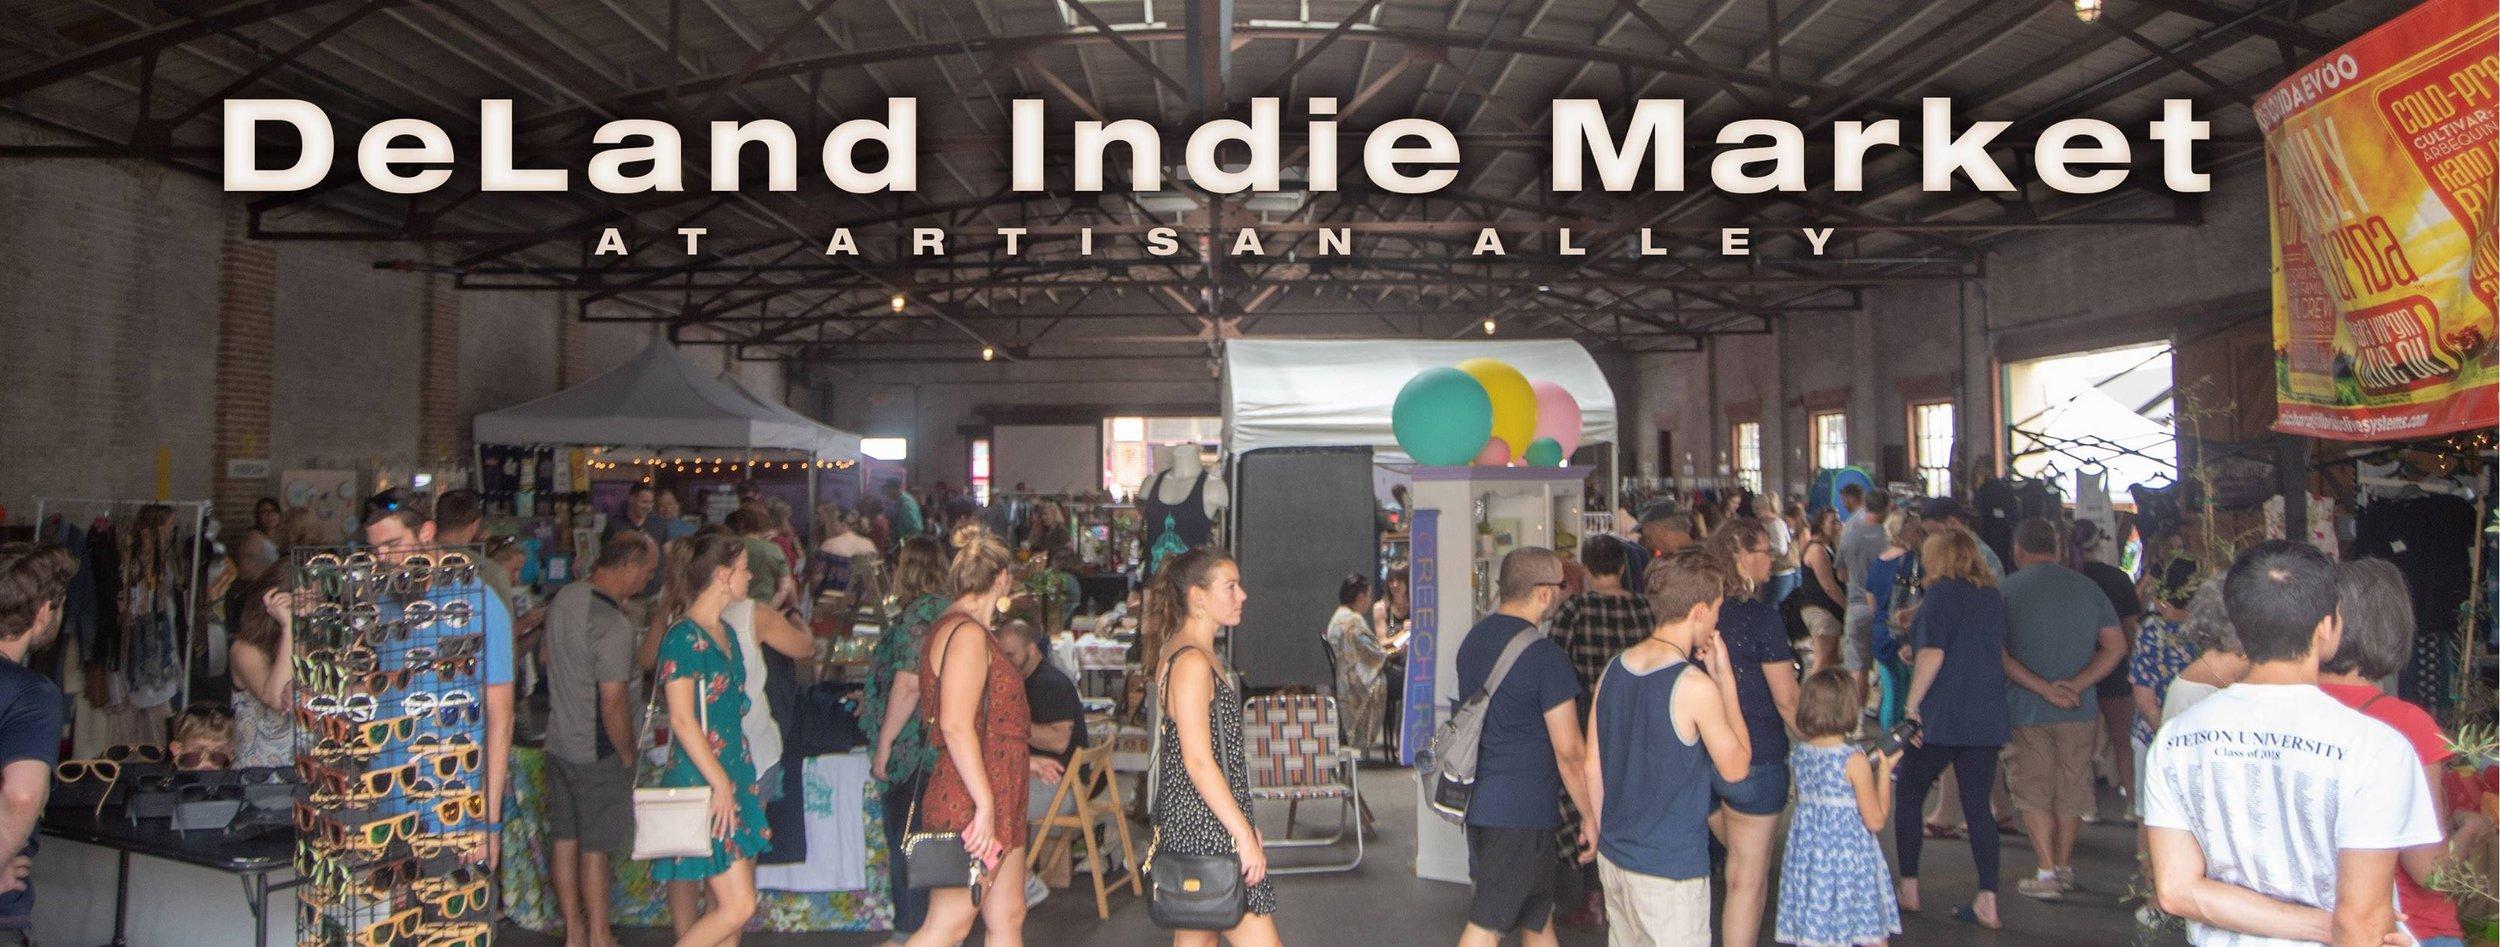 Deland Indie Market.jpg